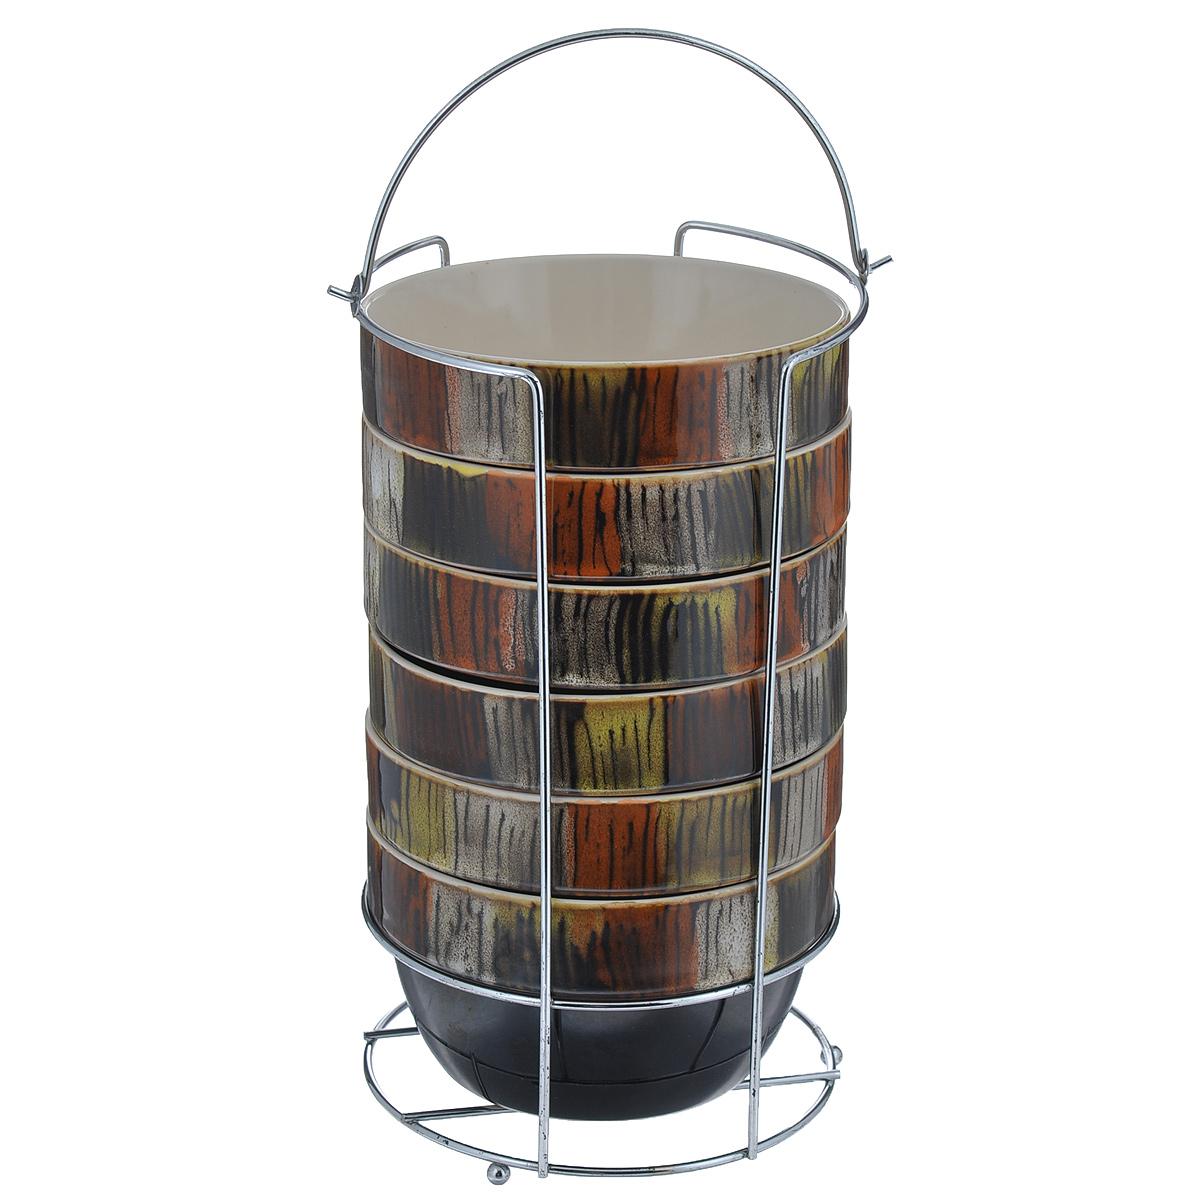 Набор пиал Bekker, 750 мл, 7 предметовBK-7367Набор Bekker состоит из 6 пиал и подставки. Пиалы выполнены из высококачественной жаропрочной керамики, покрытой блестящей глазурью без примесей кадмия и свинца. Внешние стенки коричневого цвета оформлены оригинальным орнаментом. Пиалы очень вместительны, их можно использовать для подачи супа, каш, хлопьев и т.д, а также в качестве салатников. В комплекте имеется специальная металлическая подставка с хромированной поверхностью. Для удобства переноски на подставке предусмотрена ручка. Пиалы подходят для использования в микроволновой печи, духовом шкафу. Также изделия можно чистить в посудомоечной машине. Объем пиалы: 750 мл. Диаметр пиалы (по верхнему краю): 14 см. Высота стенки: 8 см. Размер подставки (ДхШхВ): 14 см х 14 см х 25 см.